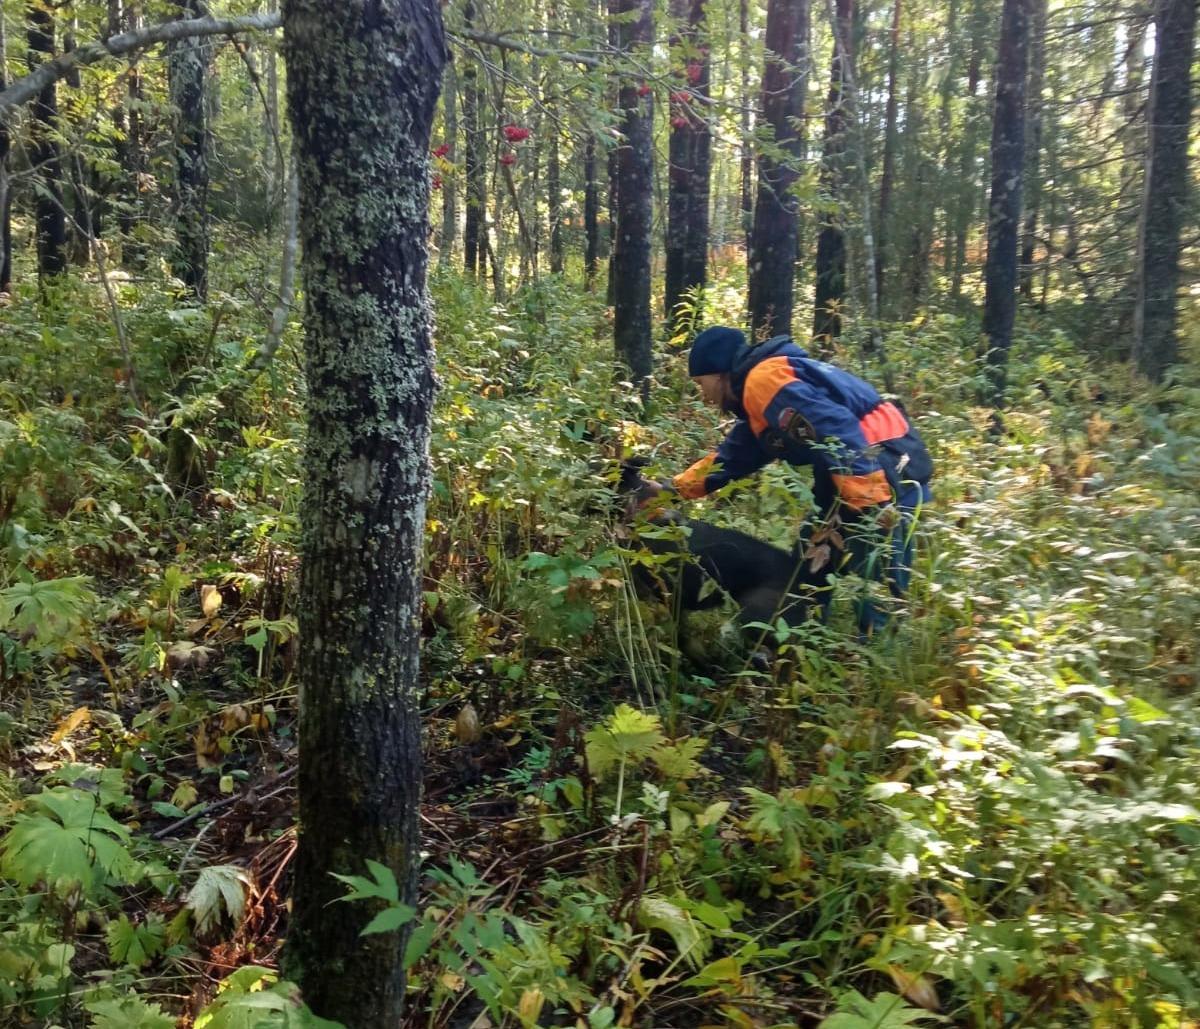 8 и 9 сентября сотрудники МЧС обследовали лесной массив